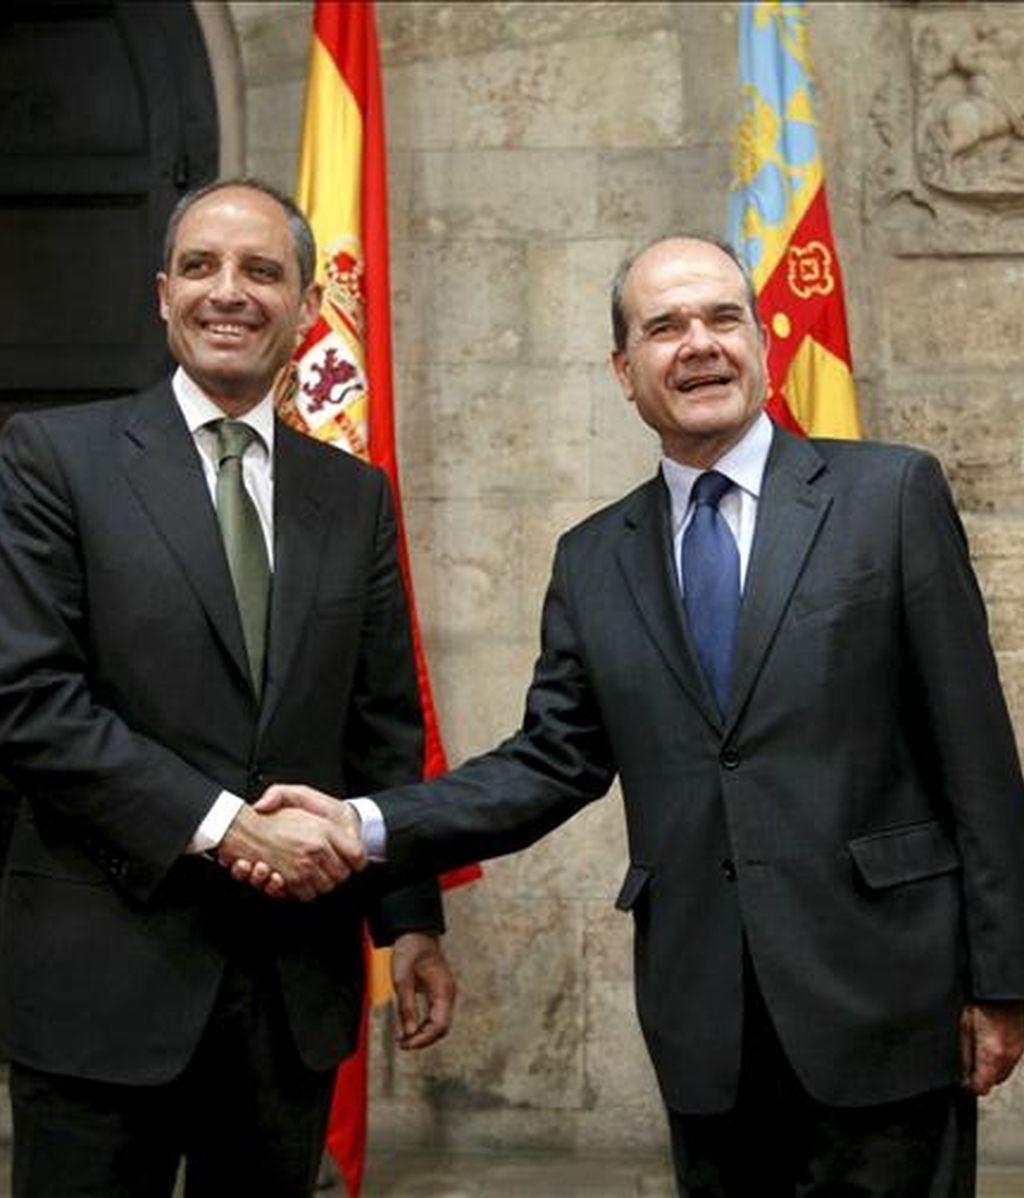 El vicepresidente tercero y ministro de Política Territorial, Manuel Chaves (d), y el presidente de la Generalitat Valenciana, Francisco Camps, al inicio de la reunión que han mantenido para hablar sobre el modelo de financiación autonómica, hoy en Valencia. EFE